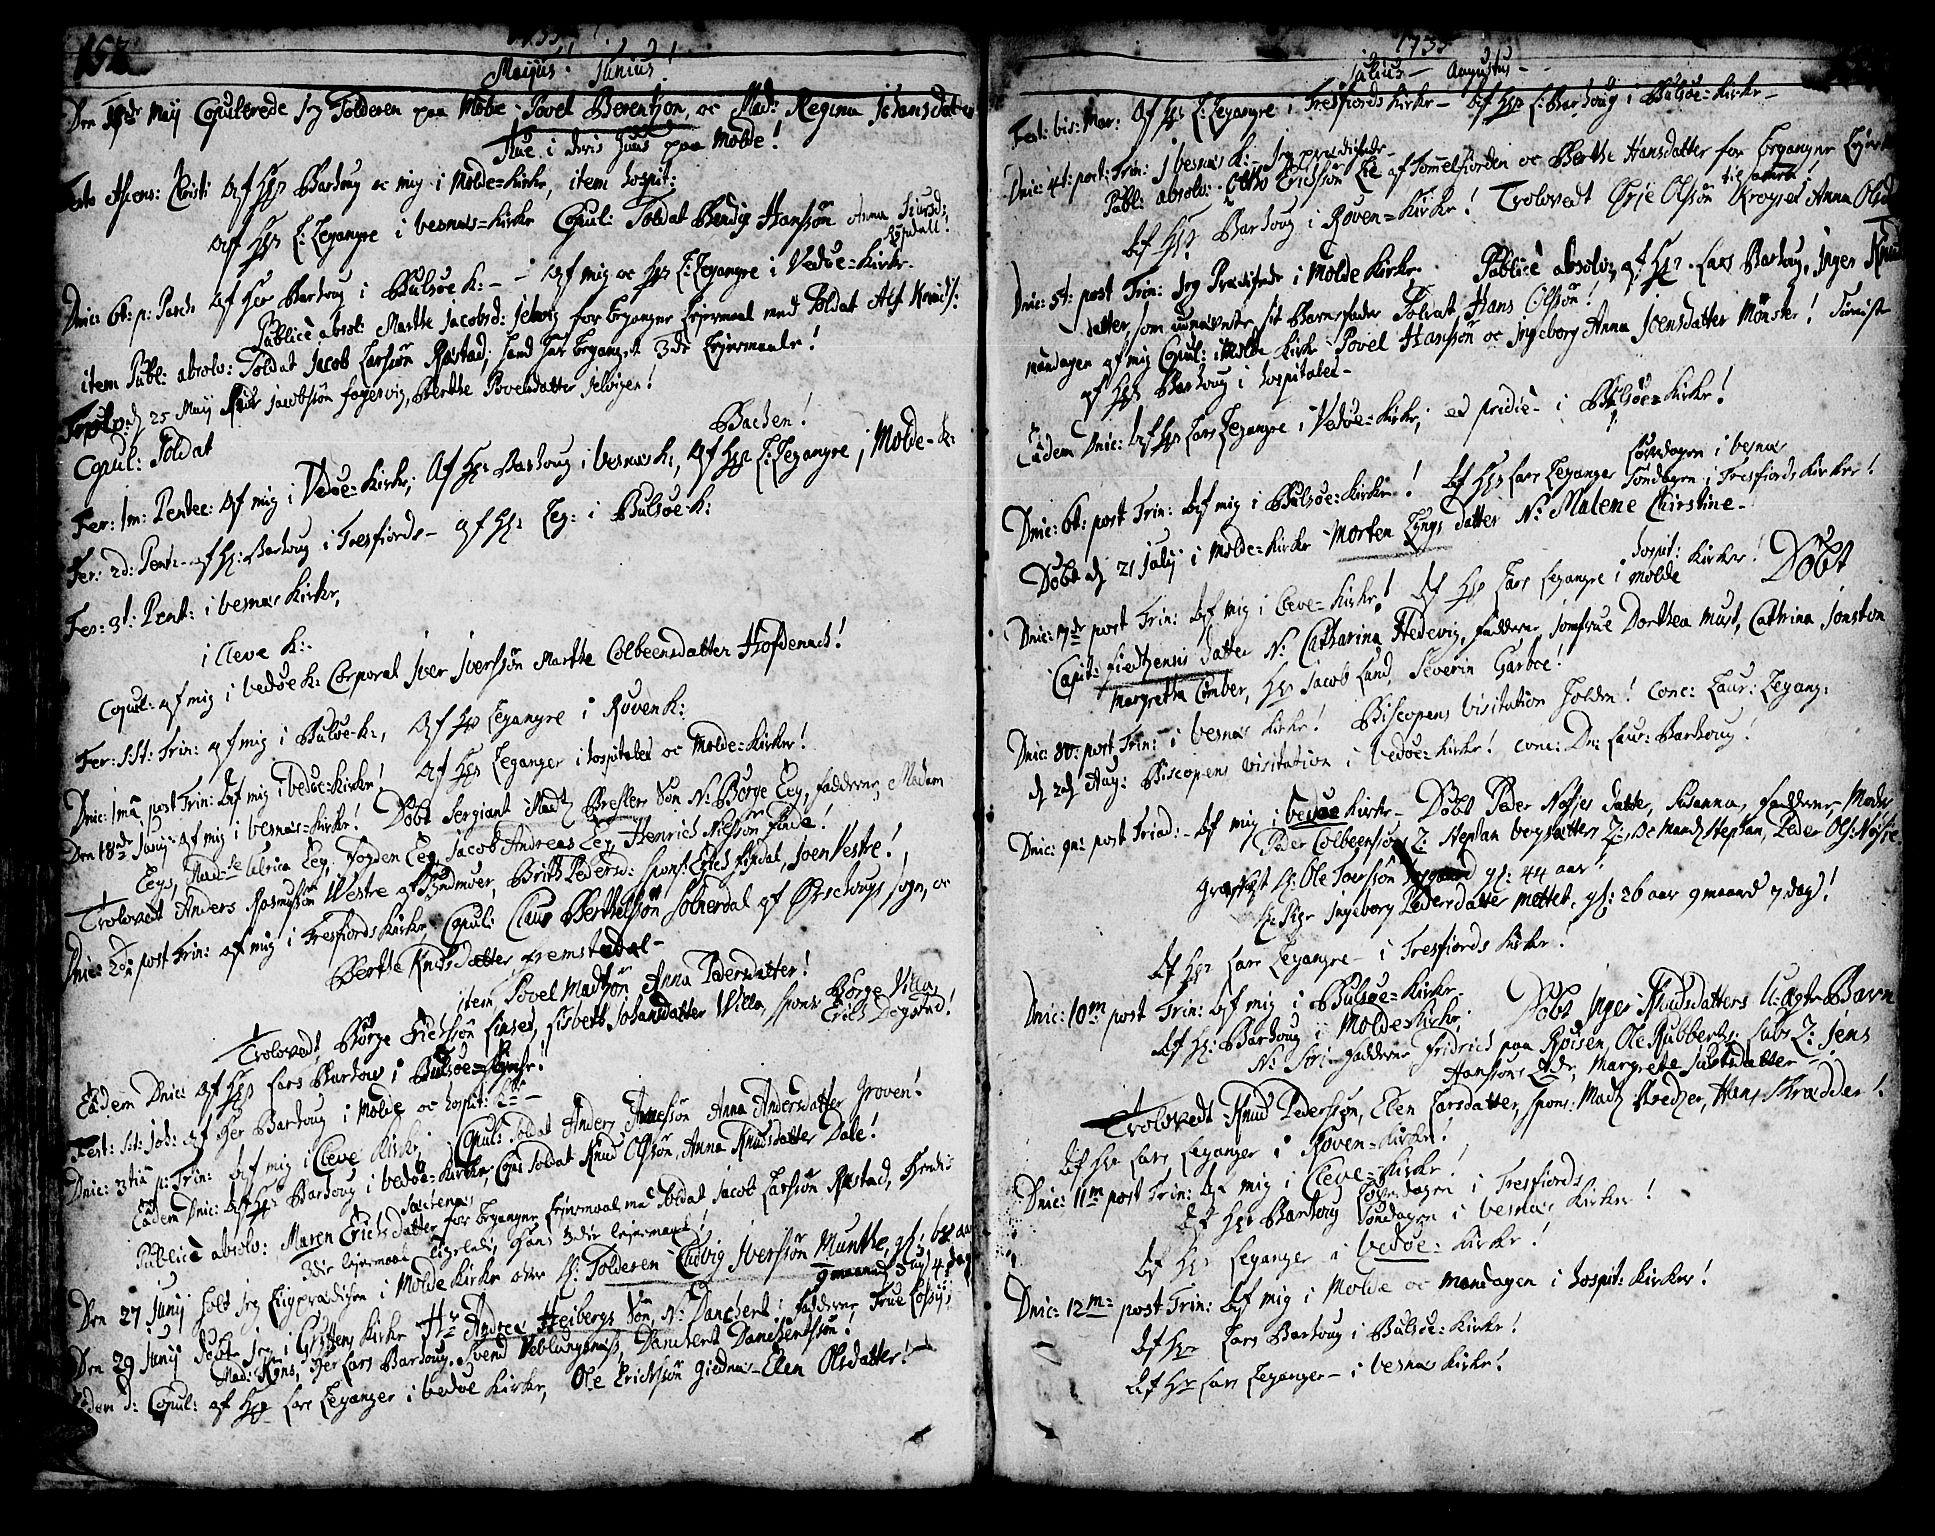 SAT, Ministerialprotokoller, klokkerbøker og fødselsregistre - Møre og Romsdal, 547/L0599: Ministerialbok nr. 547A01, 1721-1764, s. 154-155